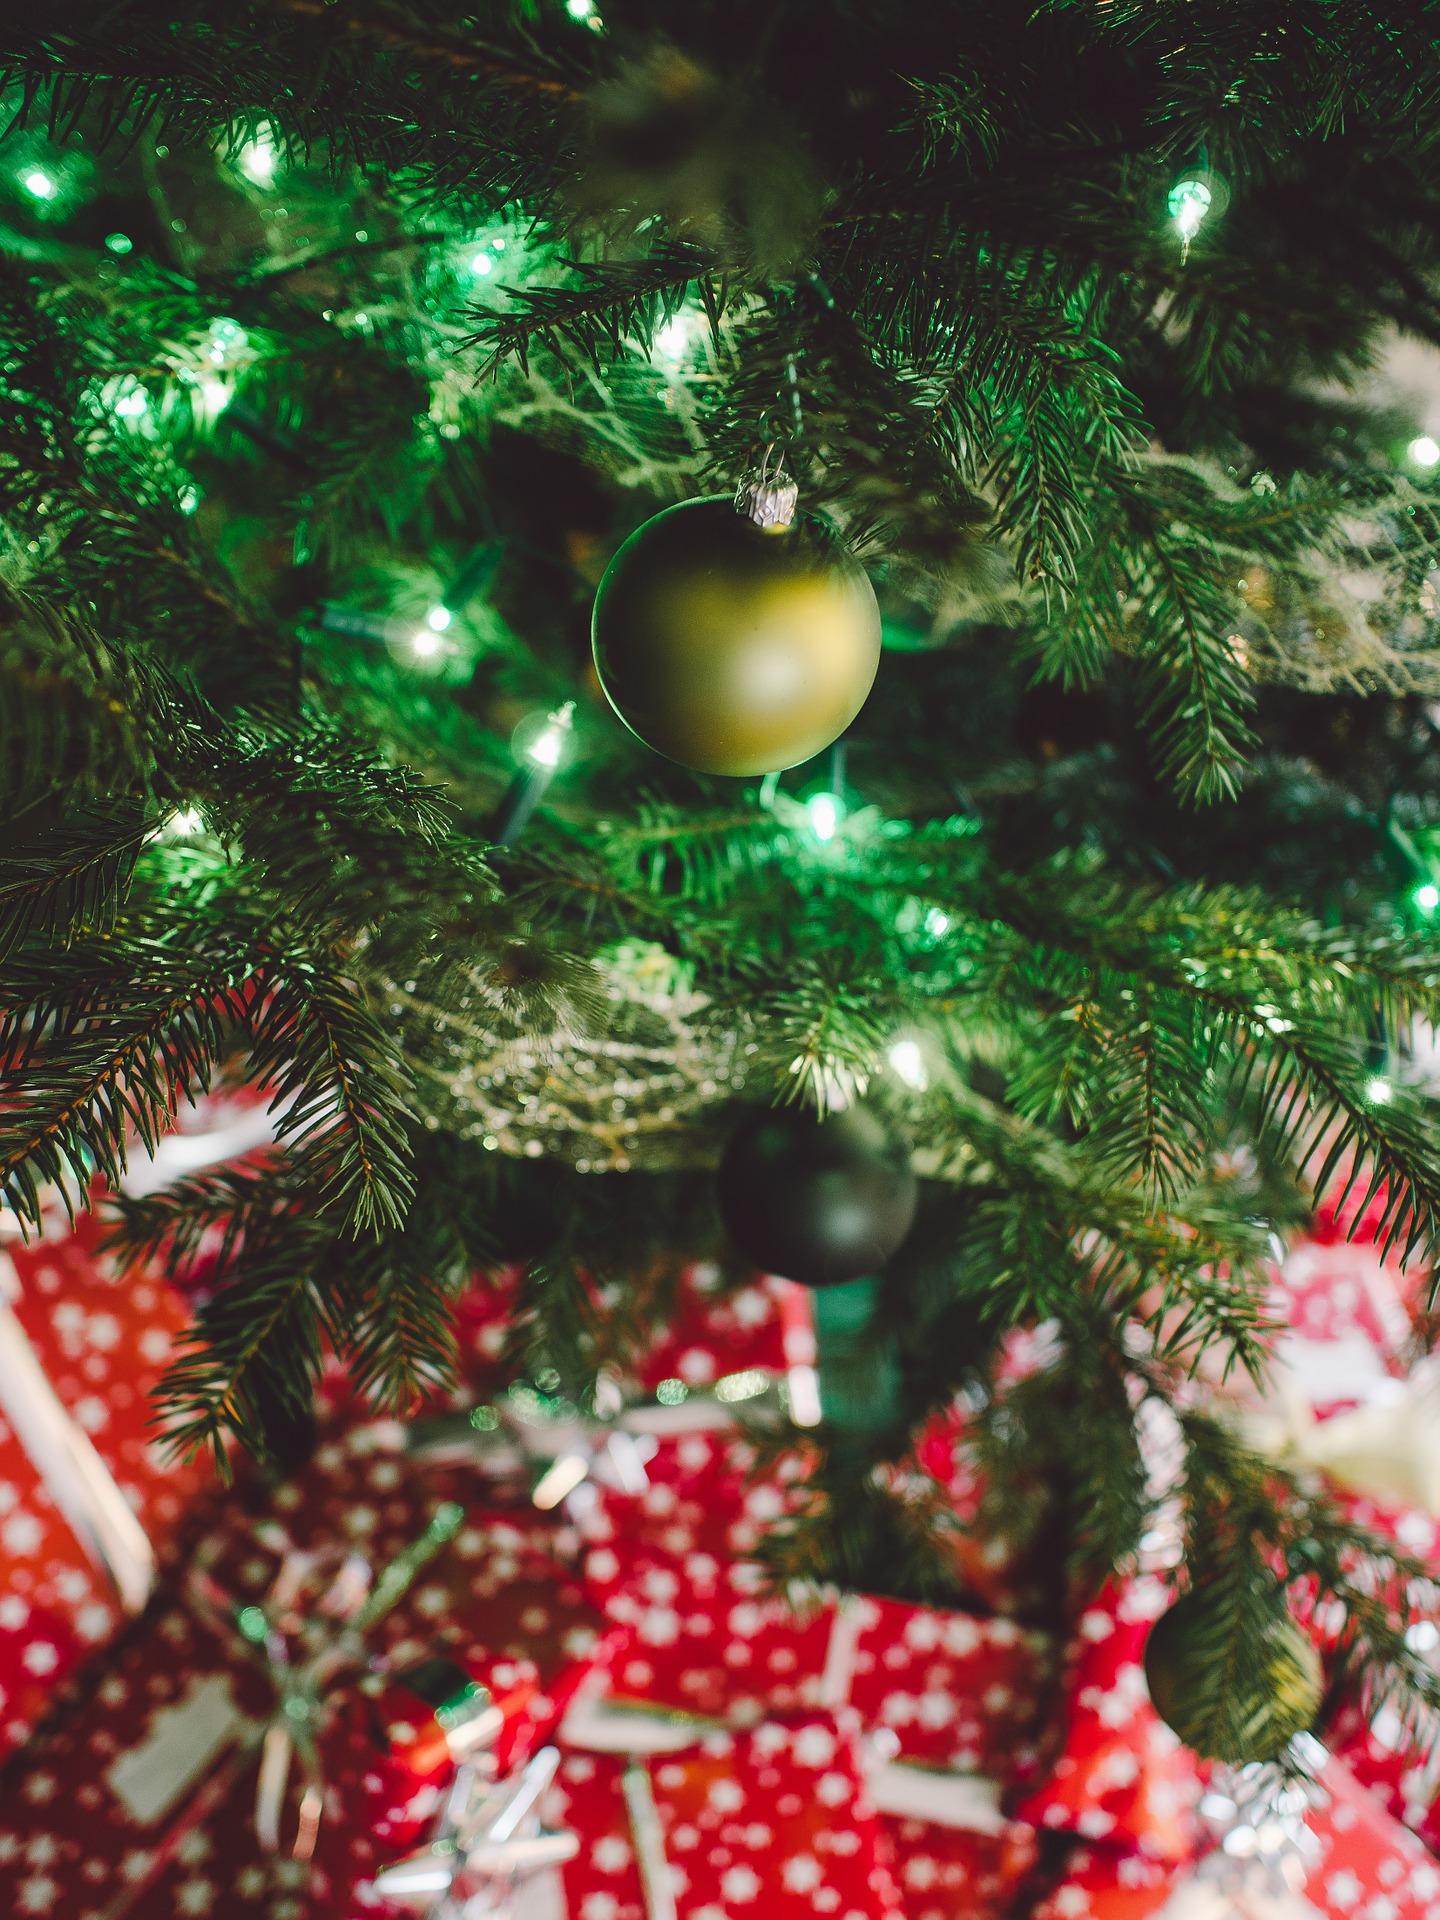 Bekleidungs-Gutscheine sind beliebte Weihnachtsgeschenke